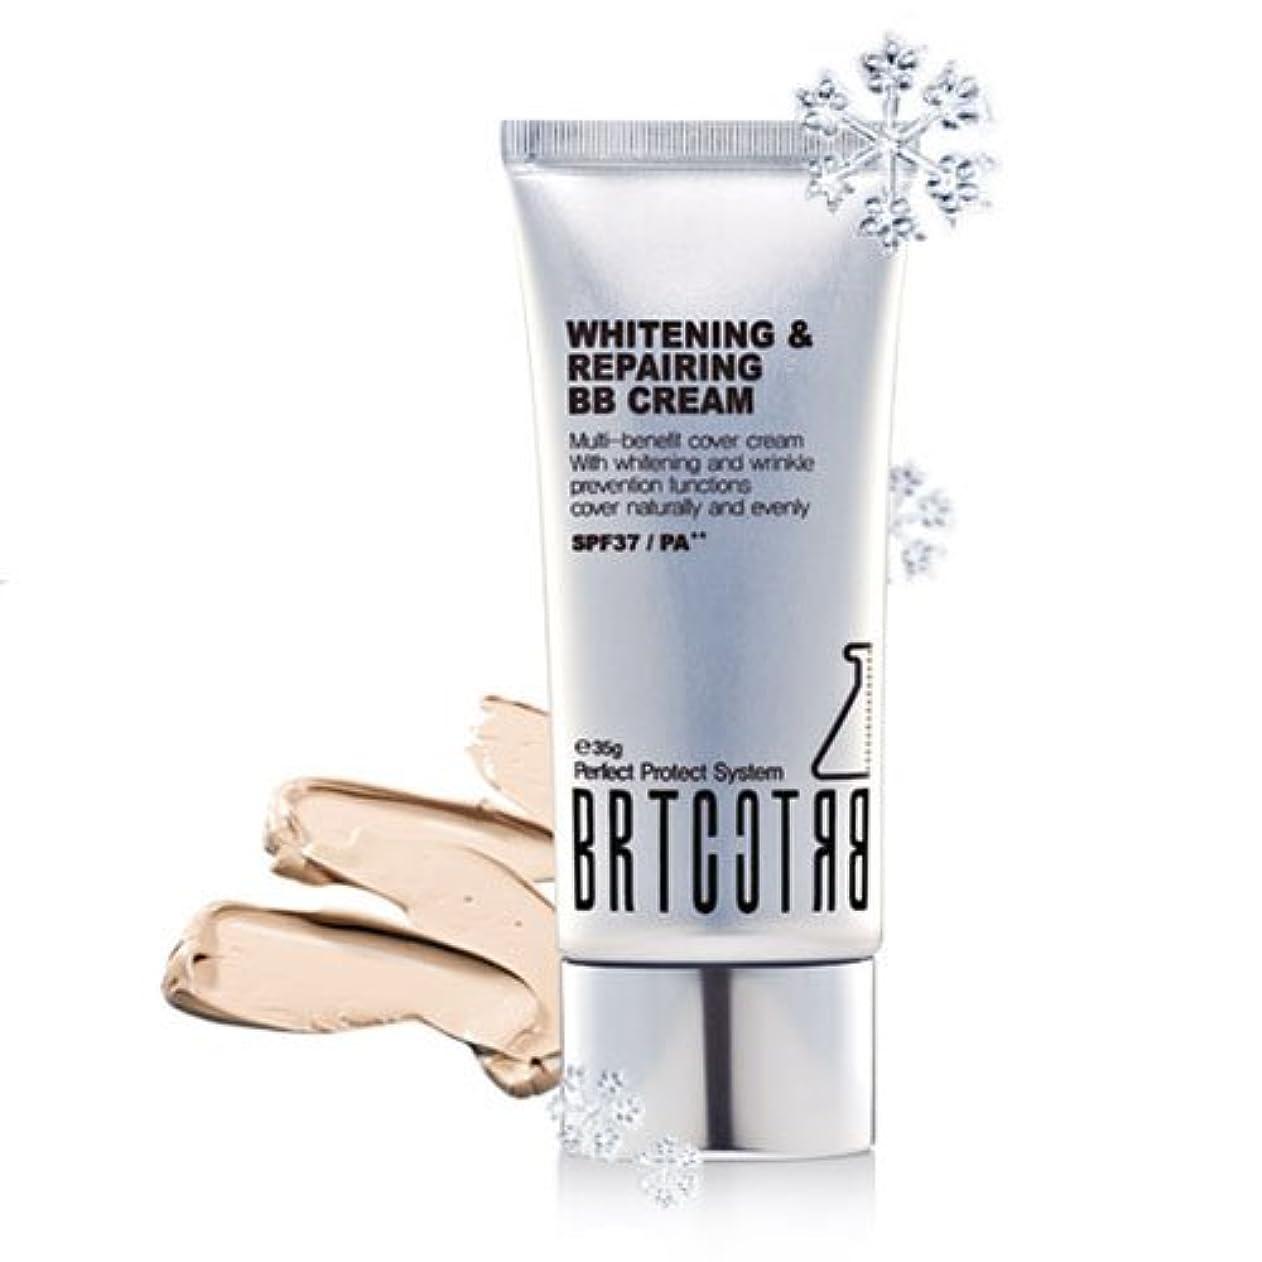 意志に反するミル全体BRTC ホワイトニング リペアリング BBクリーム (SPF37,PA++) [海外直送品][並行輸入品]